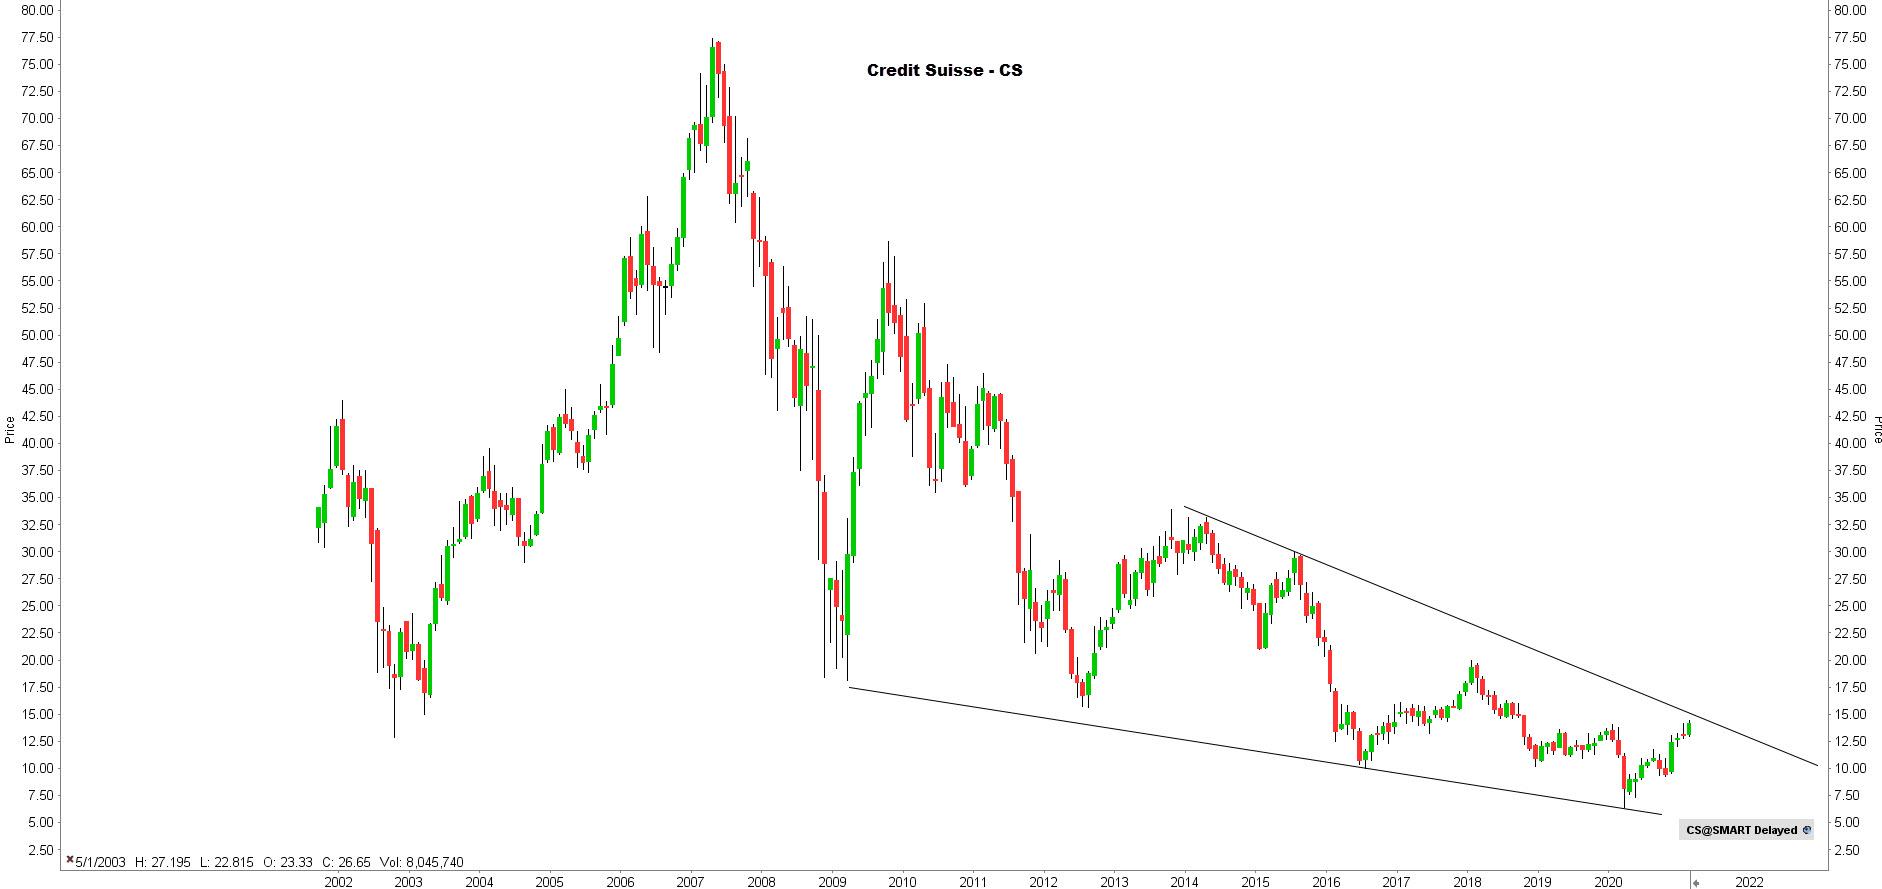 la chronique lynx broker 180221 - graphique Crédit Suisse